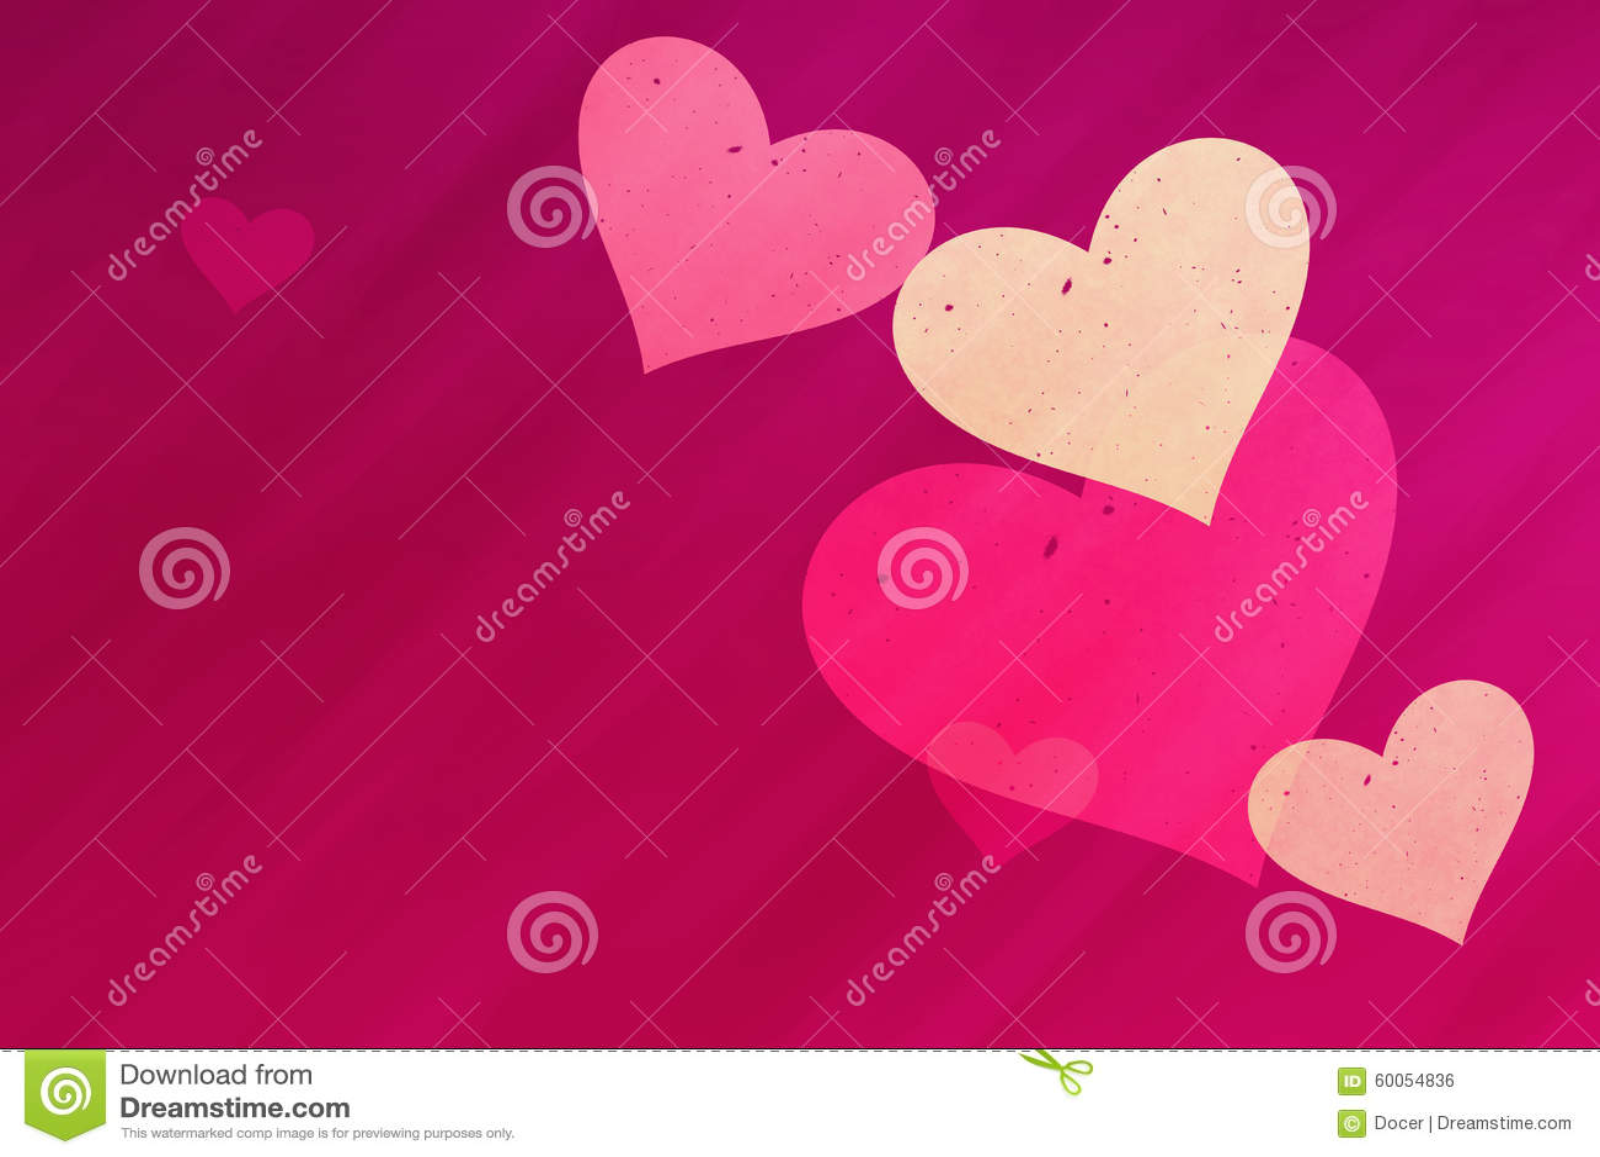 在红色的梦想的轻的心脏发出光线与拷贝空间的背景图片